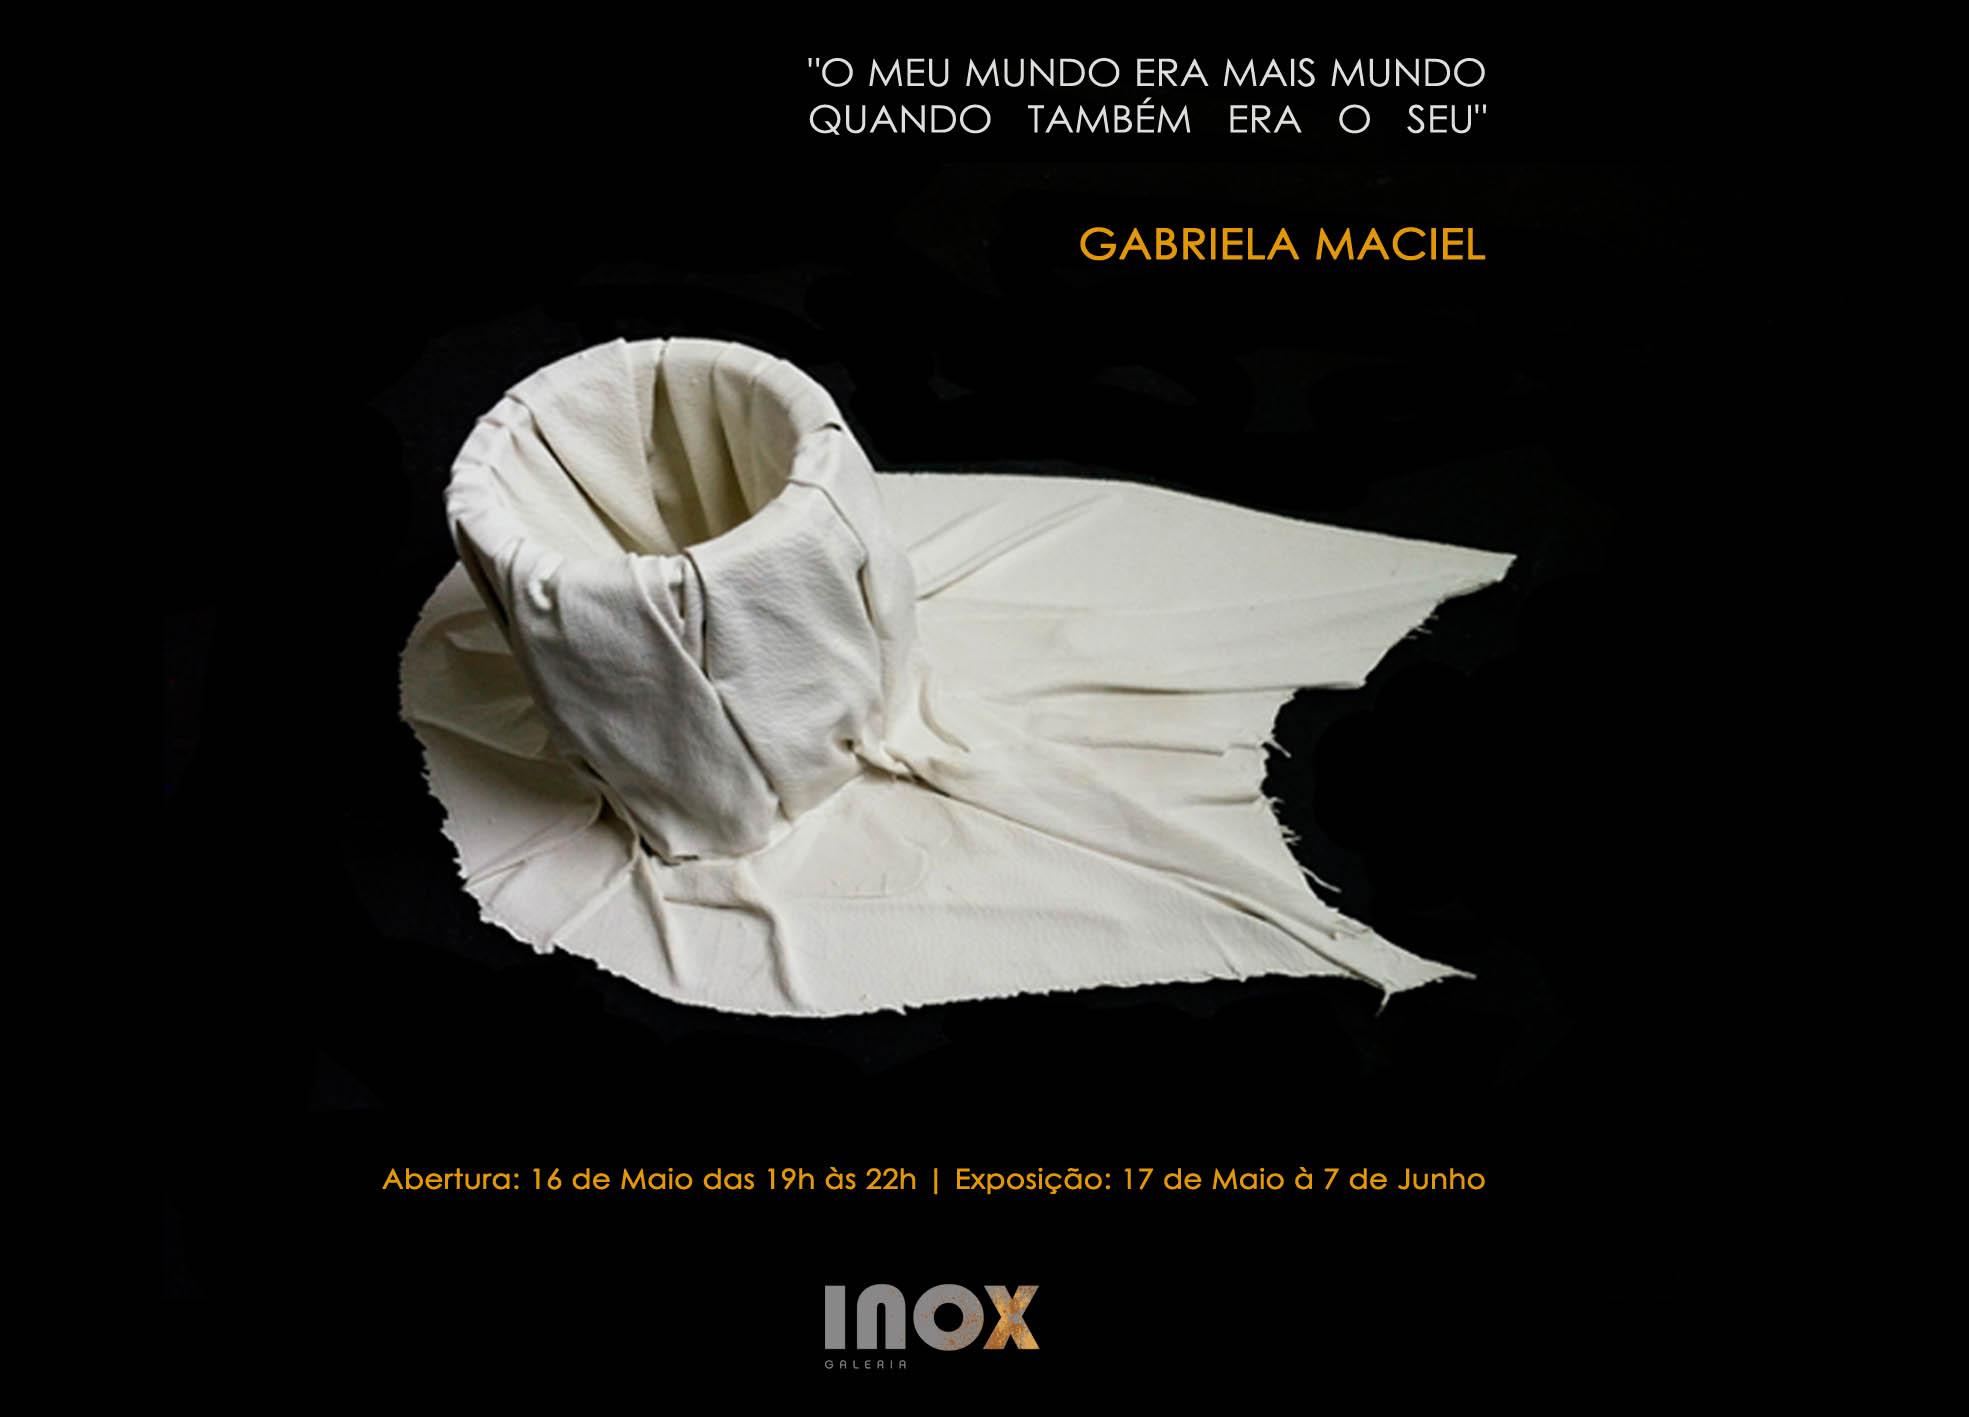 Gabriela Maciel | O meu mundo era mais mundo quando também era o seu | 16 de Maio